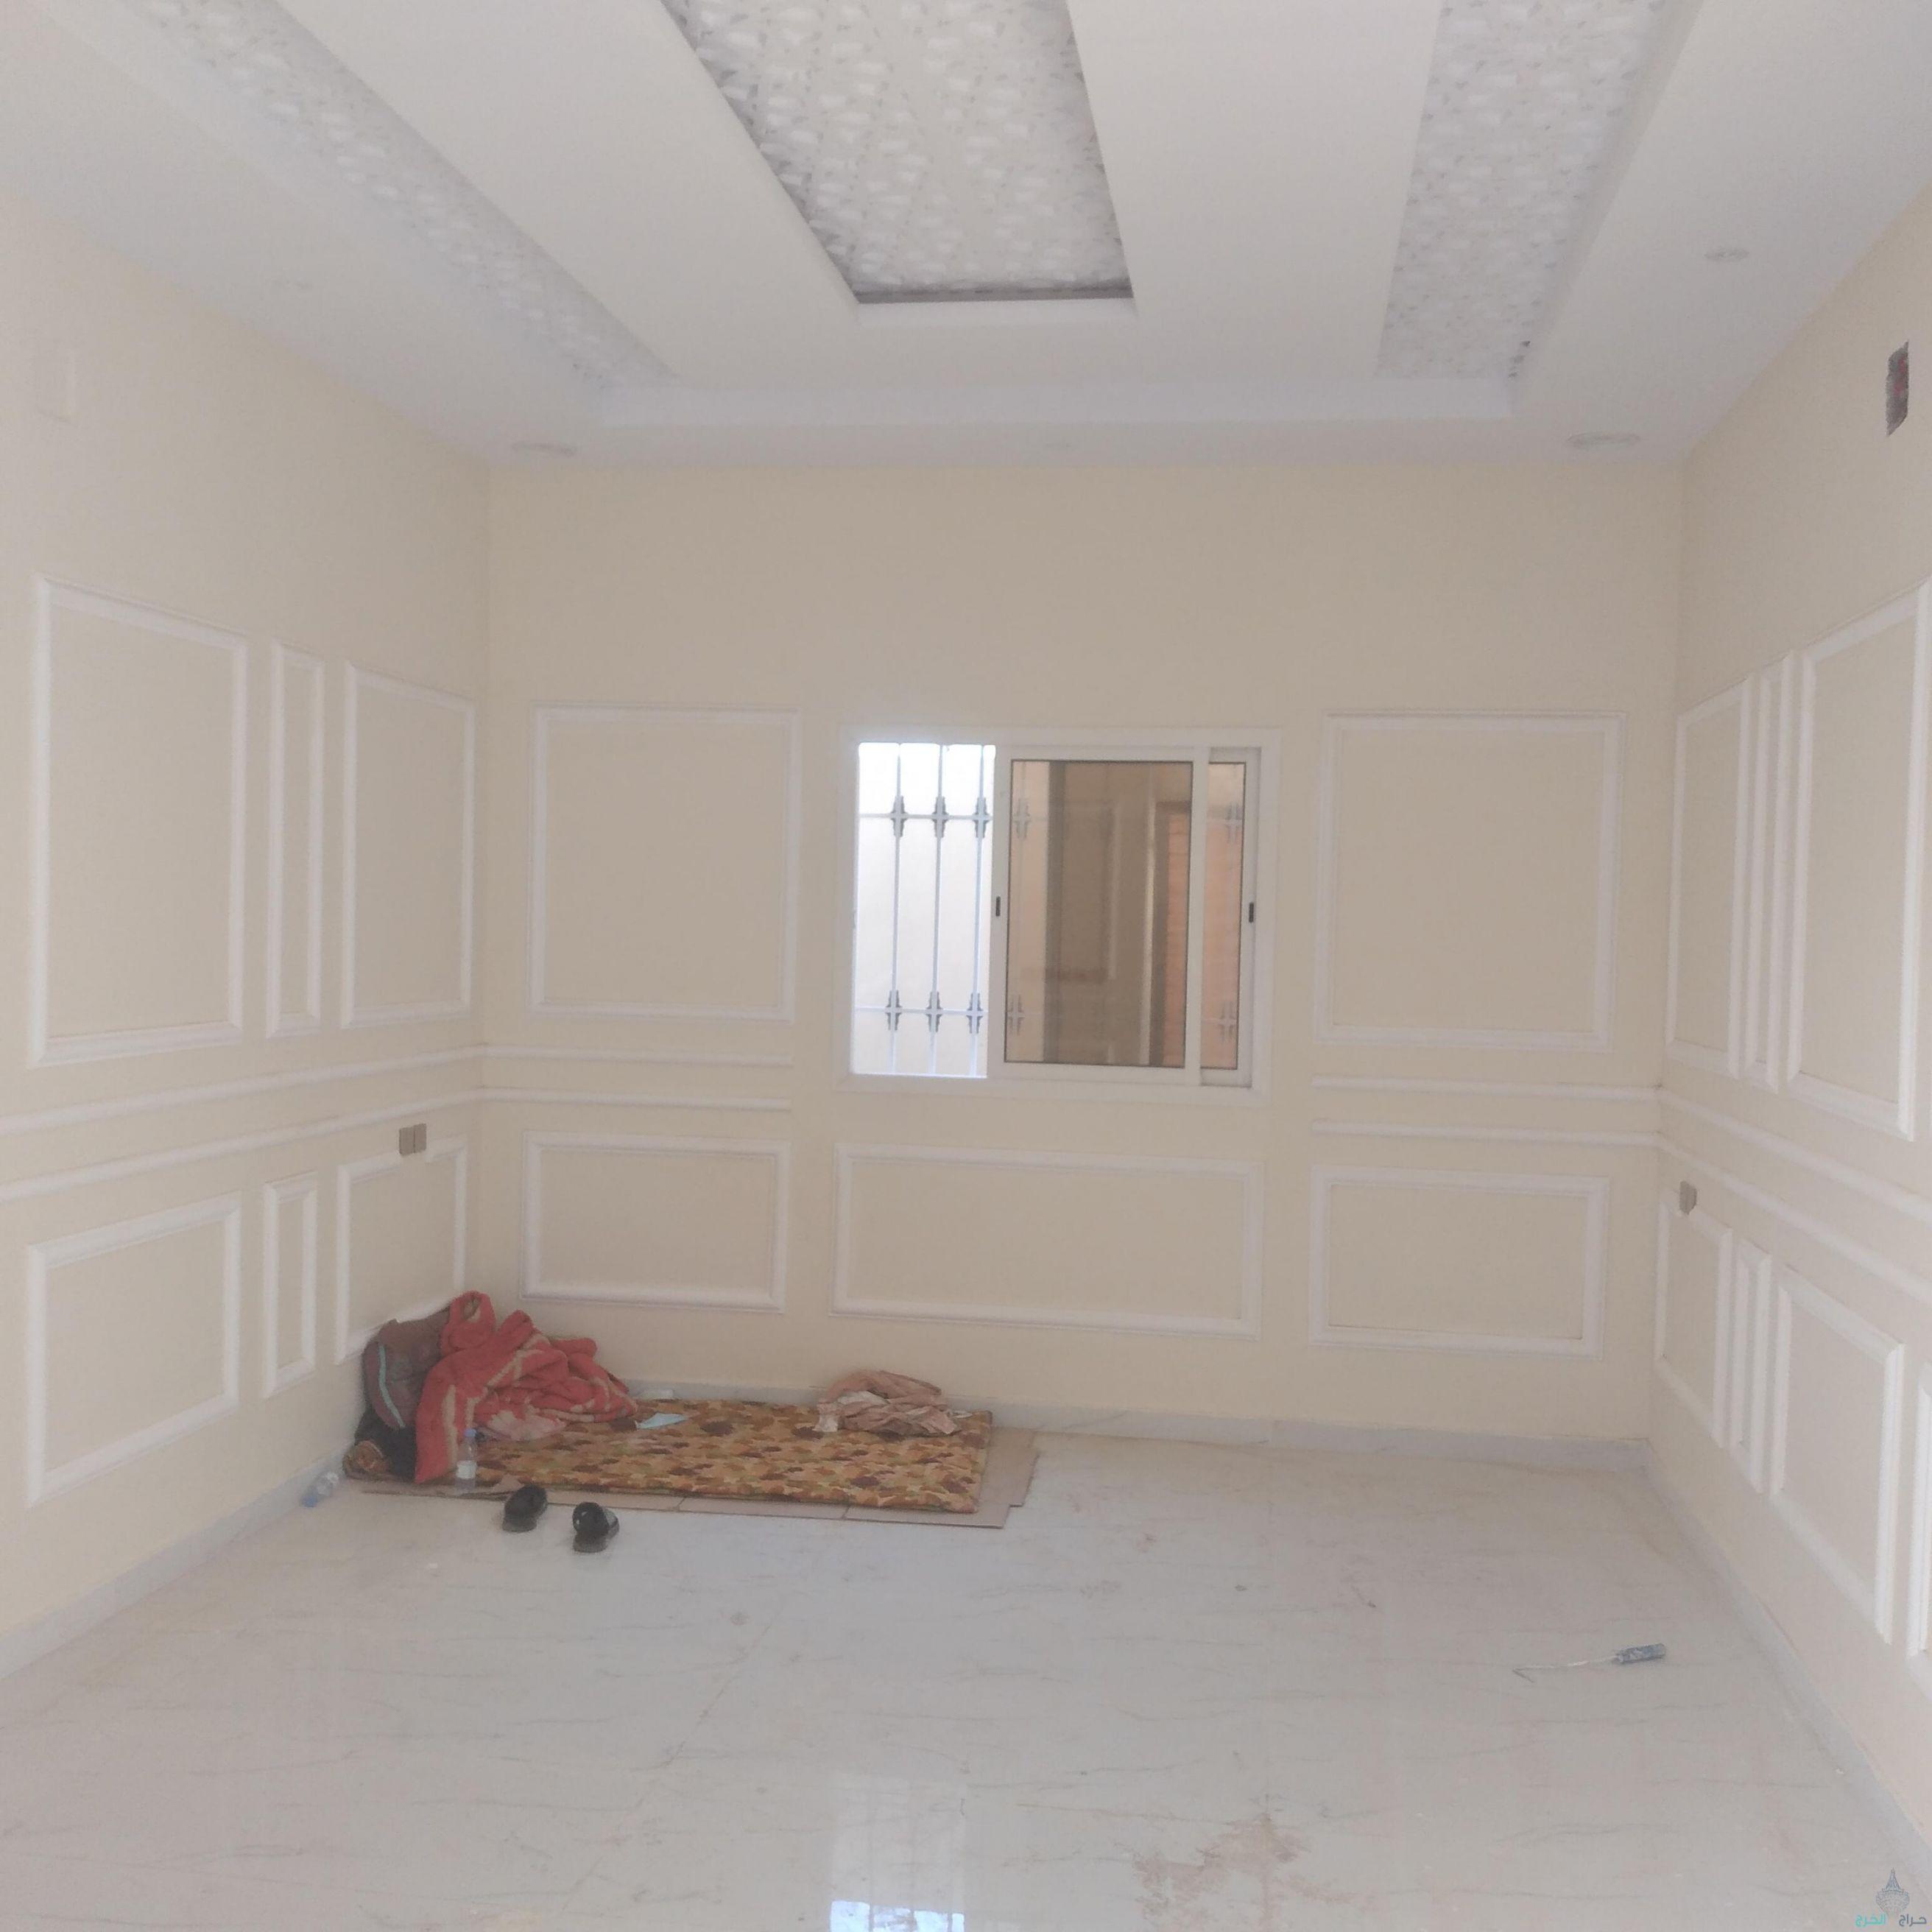 للبيع فيلا مع شقة مسروقة في حي بالزاهر بالخرج 325م